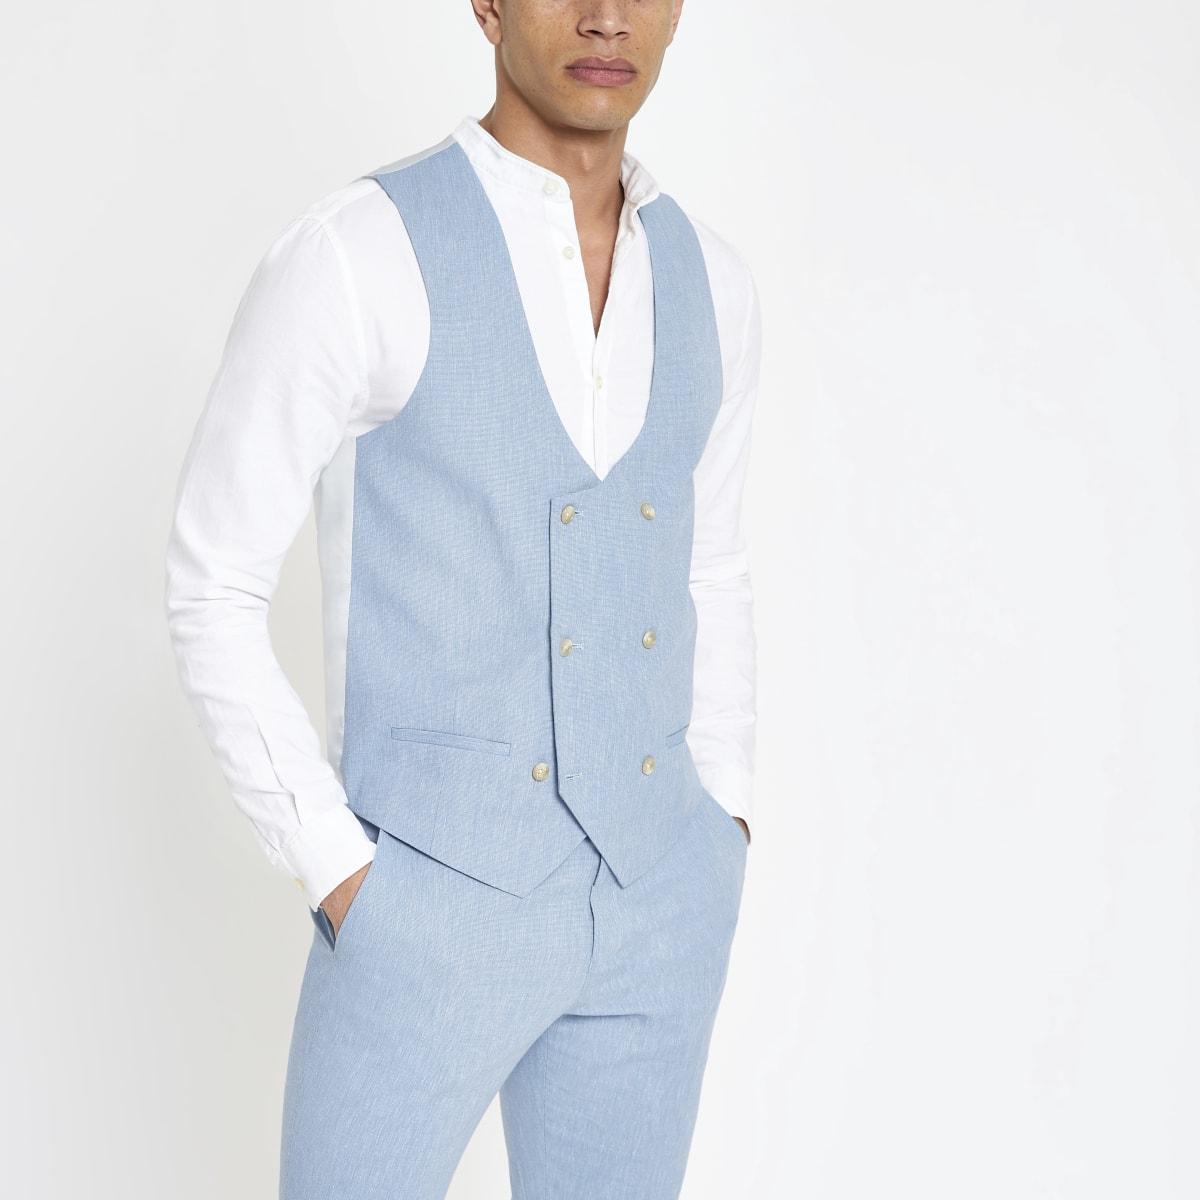 Lichtblauw linnen gilet